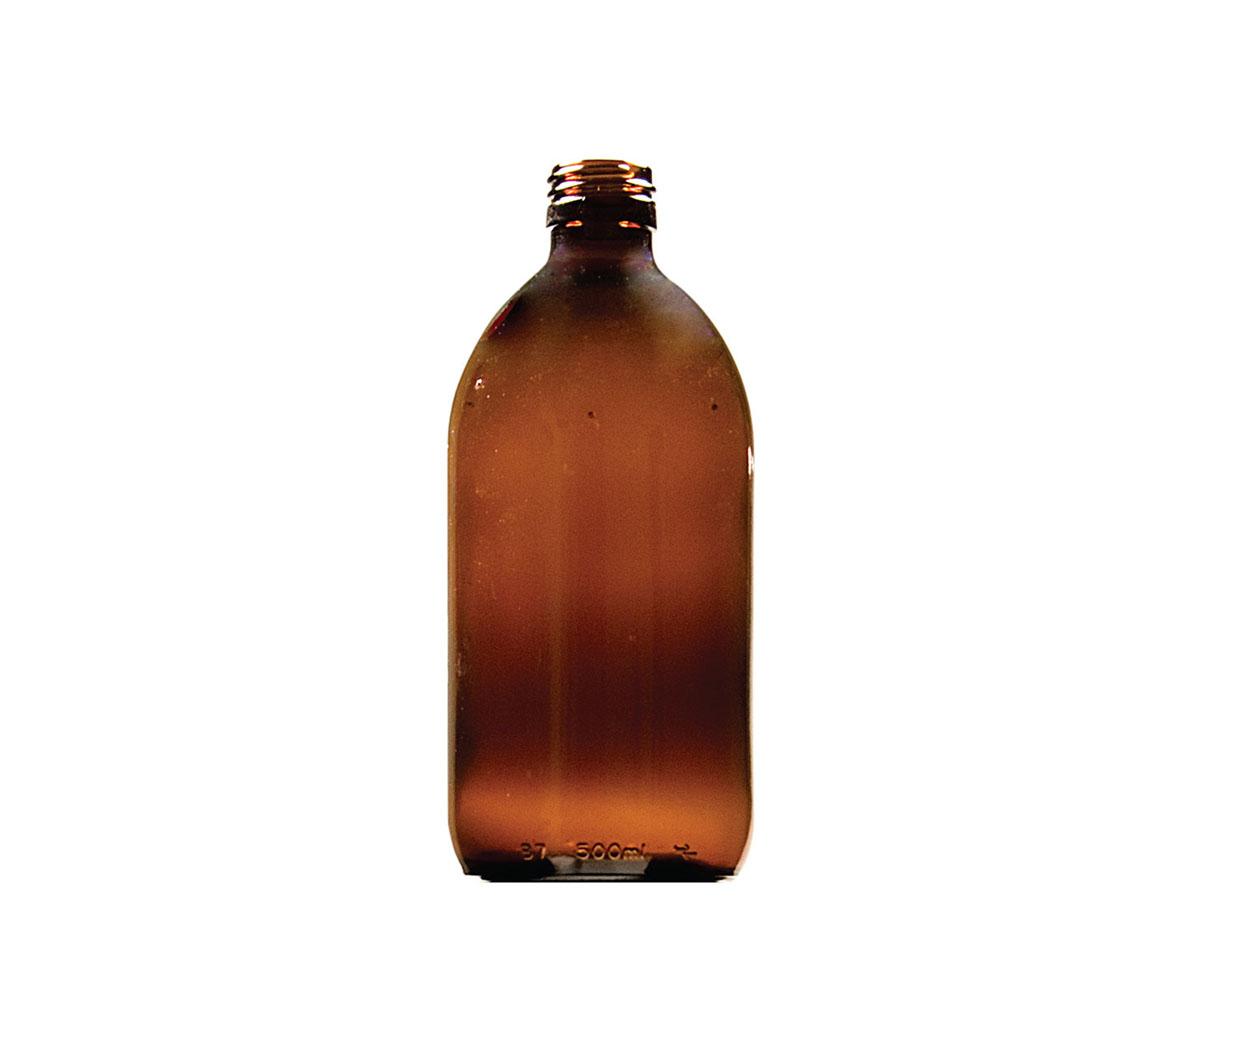 Lightweight 500ml Round Glass Medicine Bottle - Pack of 35